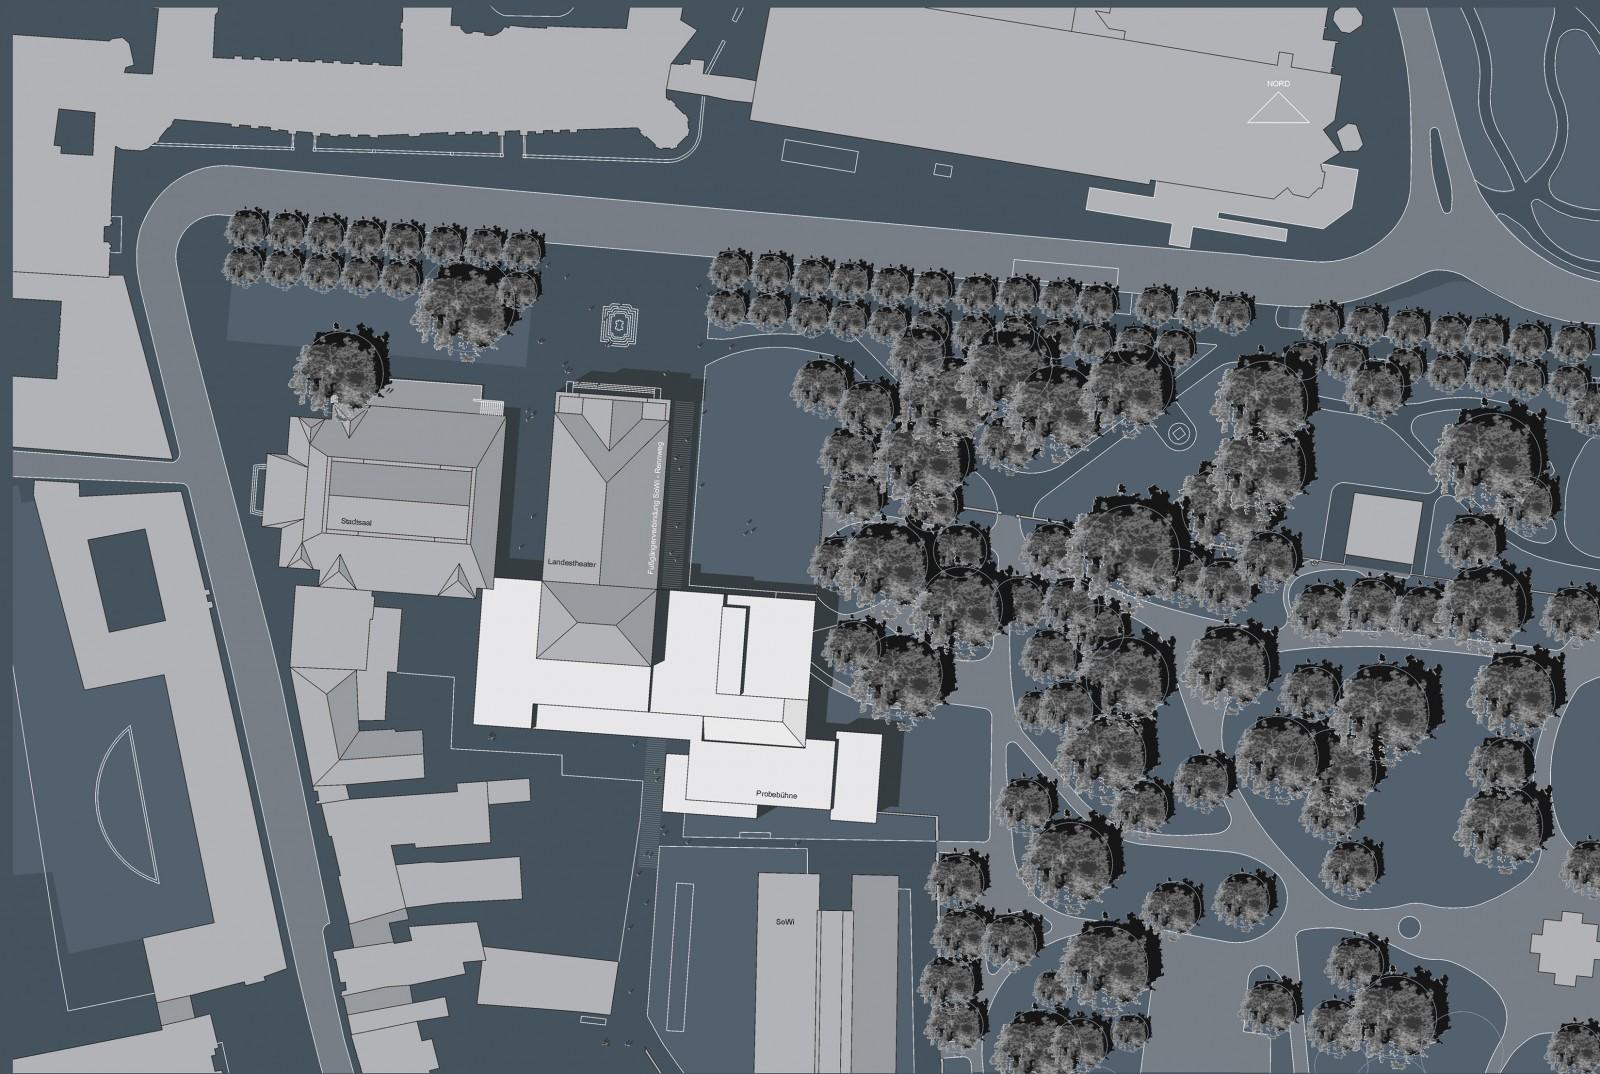 Innsbruck, Tiroler Landestheater